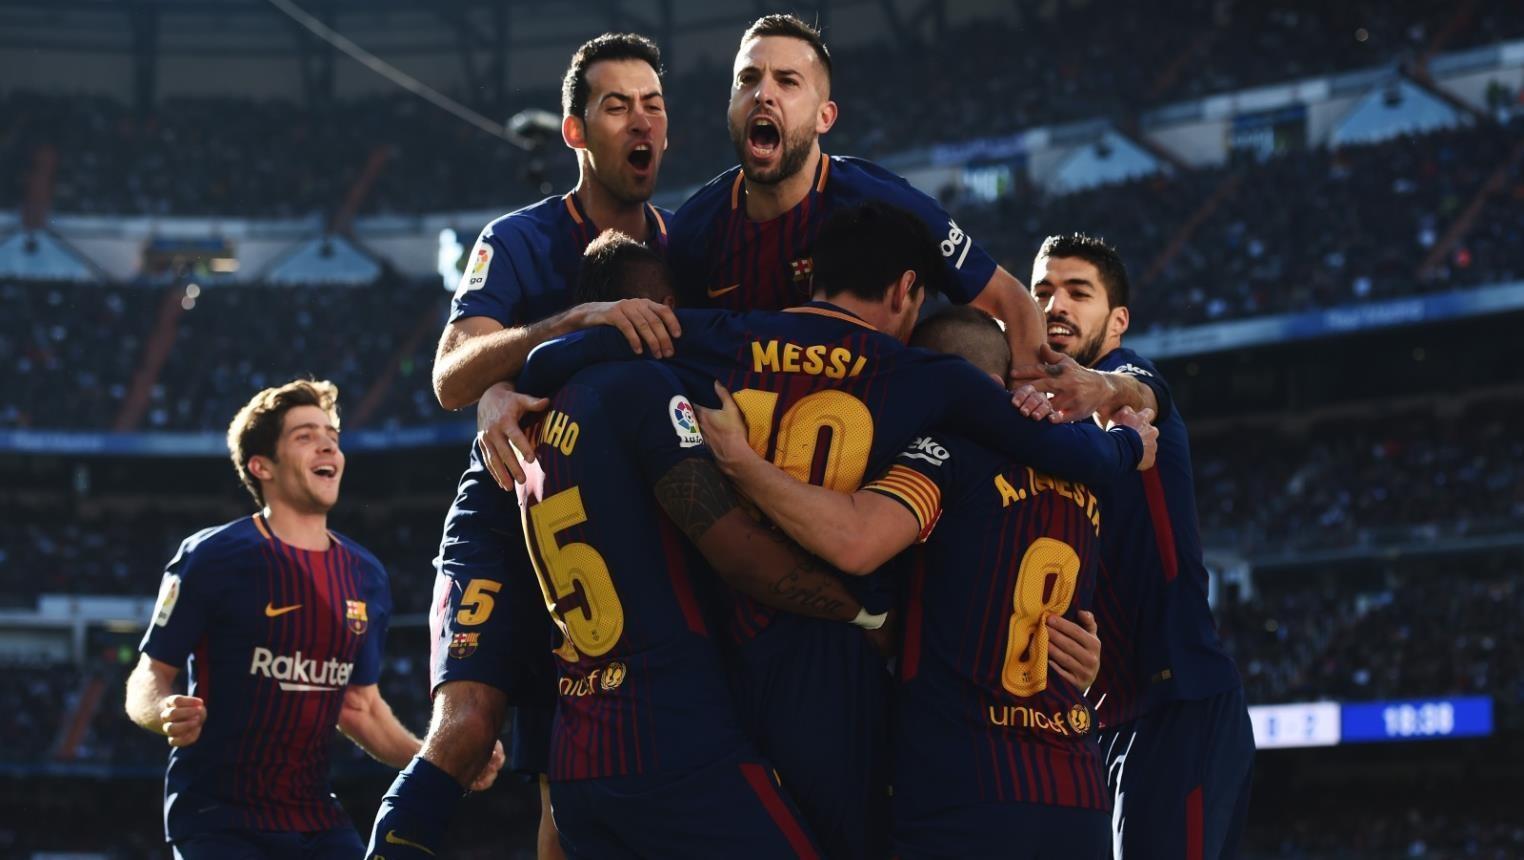 مباراة برشلونة وكولتورال ديبورتيفا ليونيسا 5-12-2018 كاس ملك اسبانيا